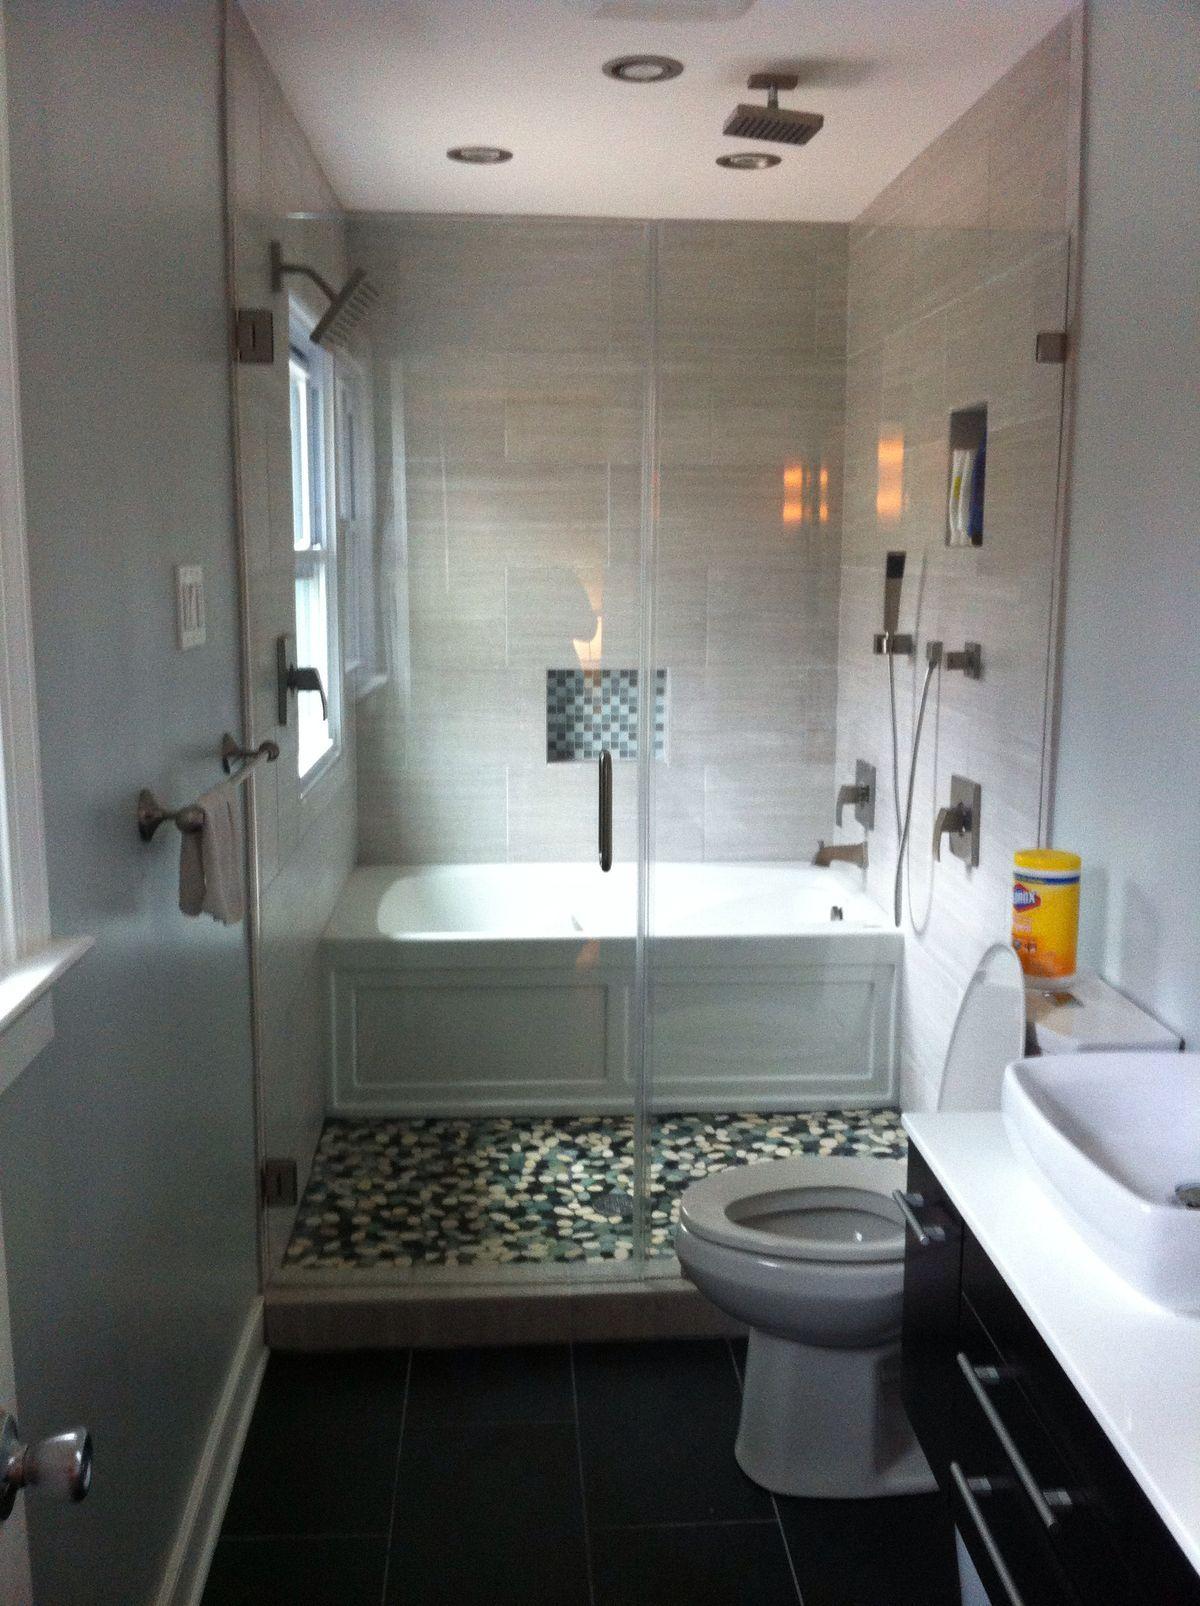 2923dcecb5e94dbb7e077dacd770e18c Jpg 1 200 1 606 Pixels Bathtubs For Small Bathrooms Small Narrow Bathroom Small Bathroom Layout